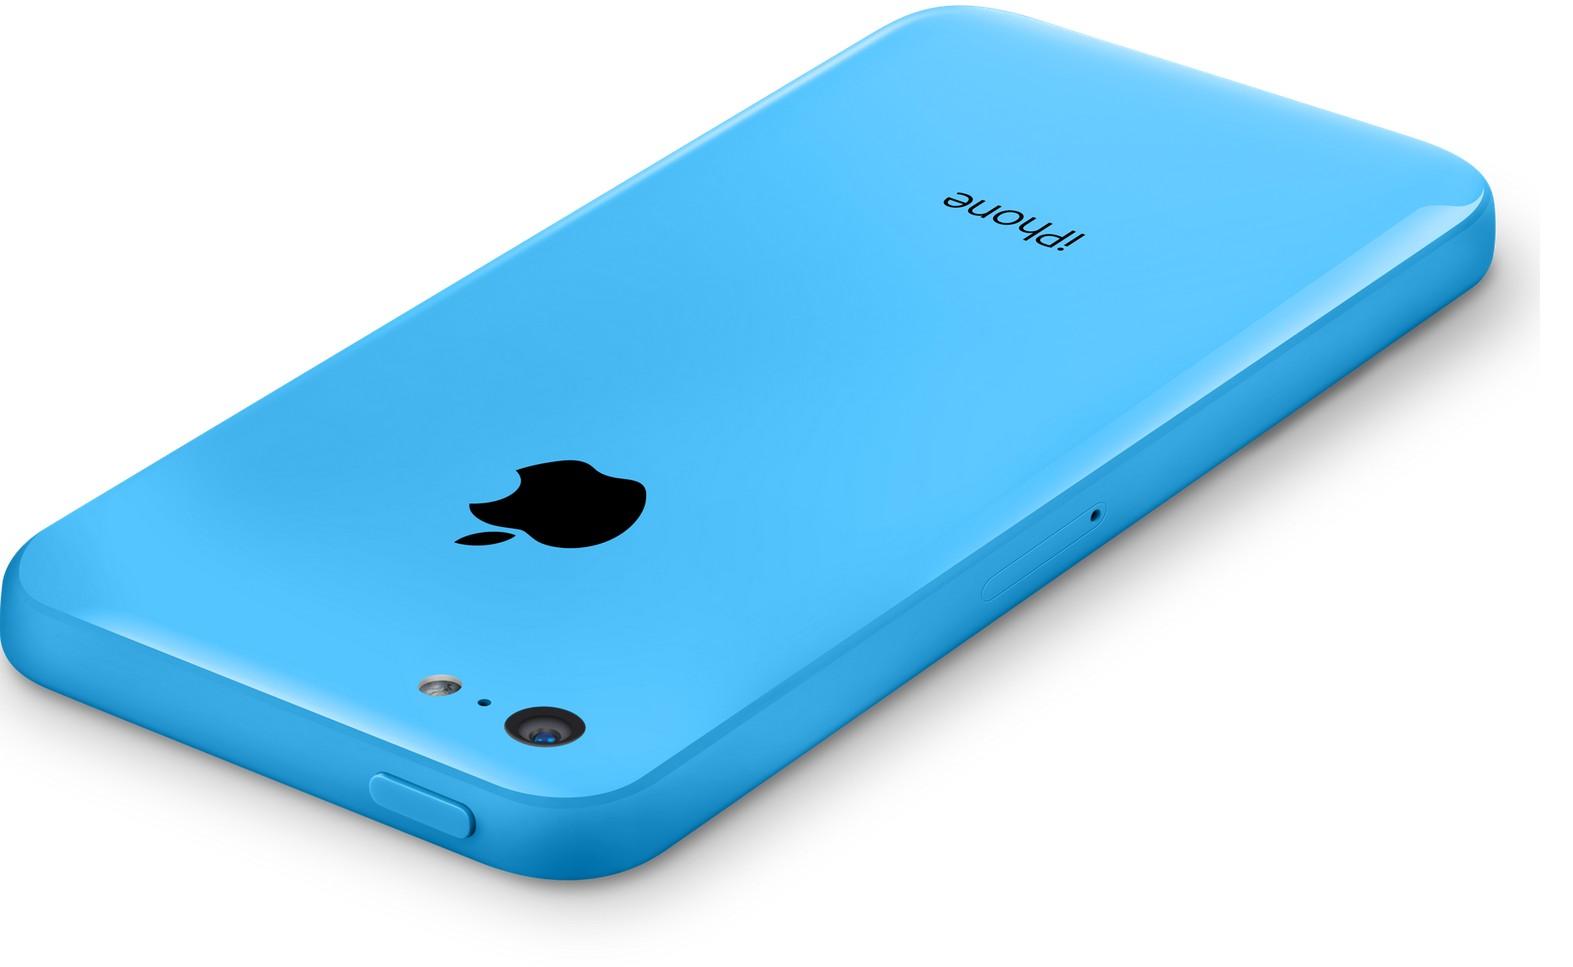 iphone 5c le mod le bleu moins cher meilleur mobile. Black Bedroom Furniture Sets. Home Design Ideas